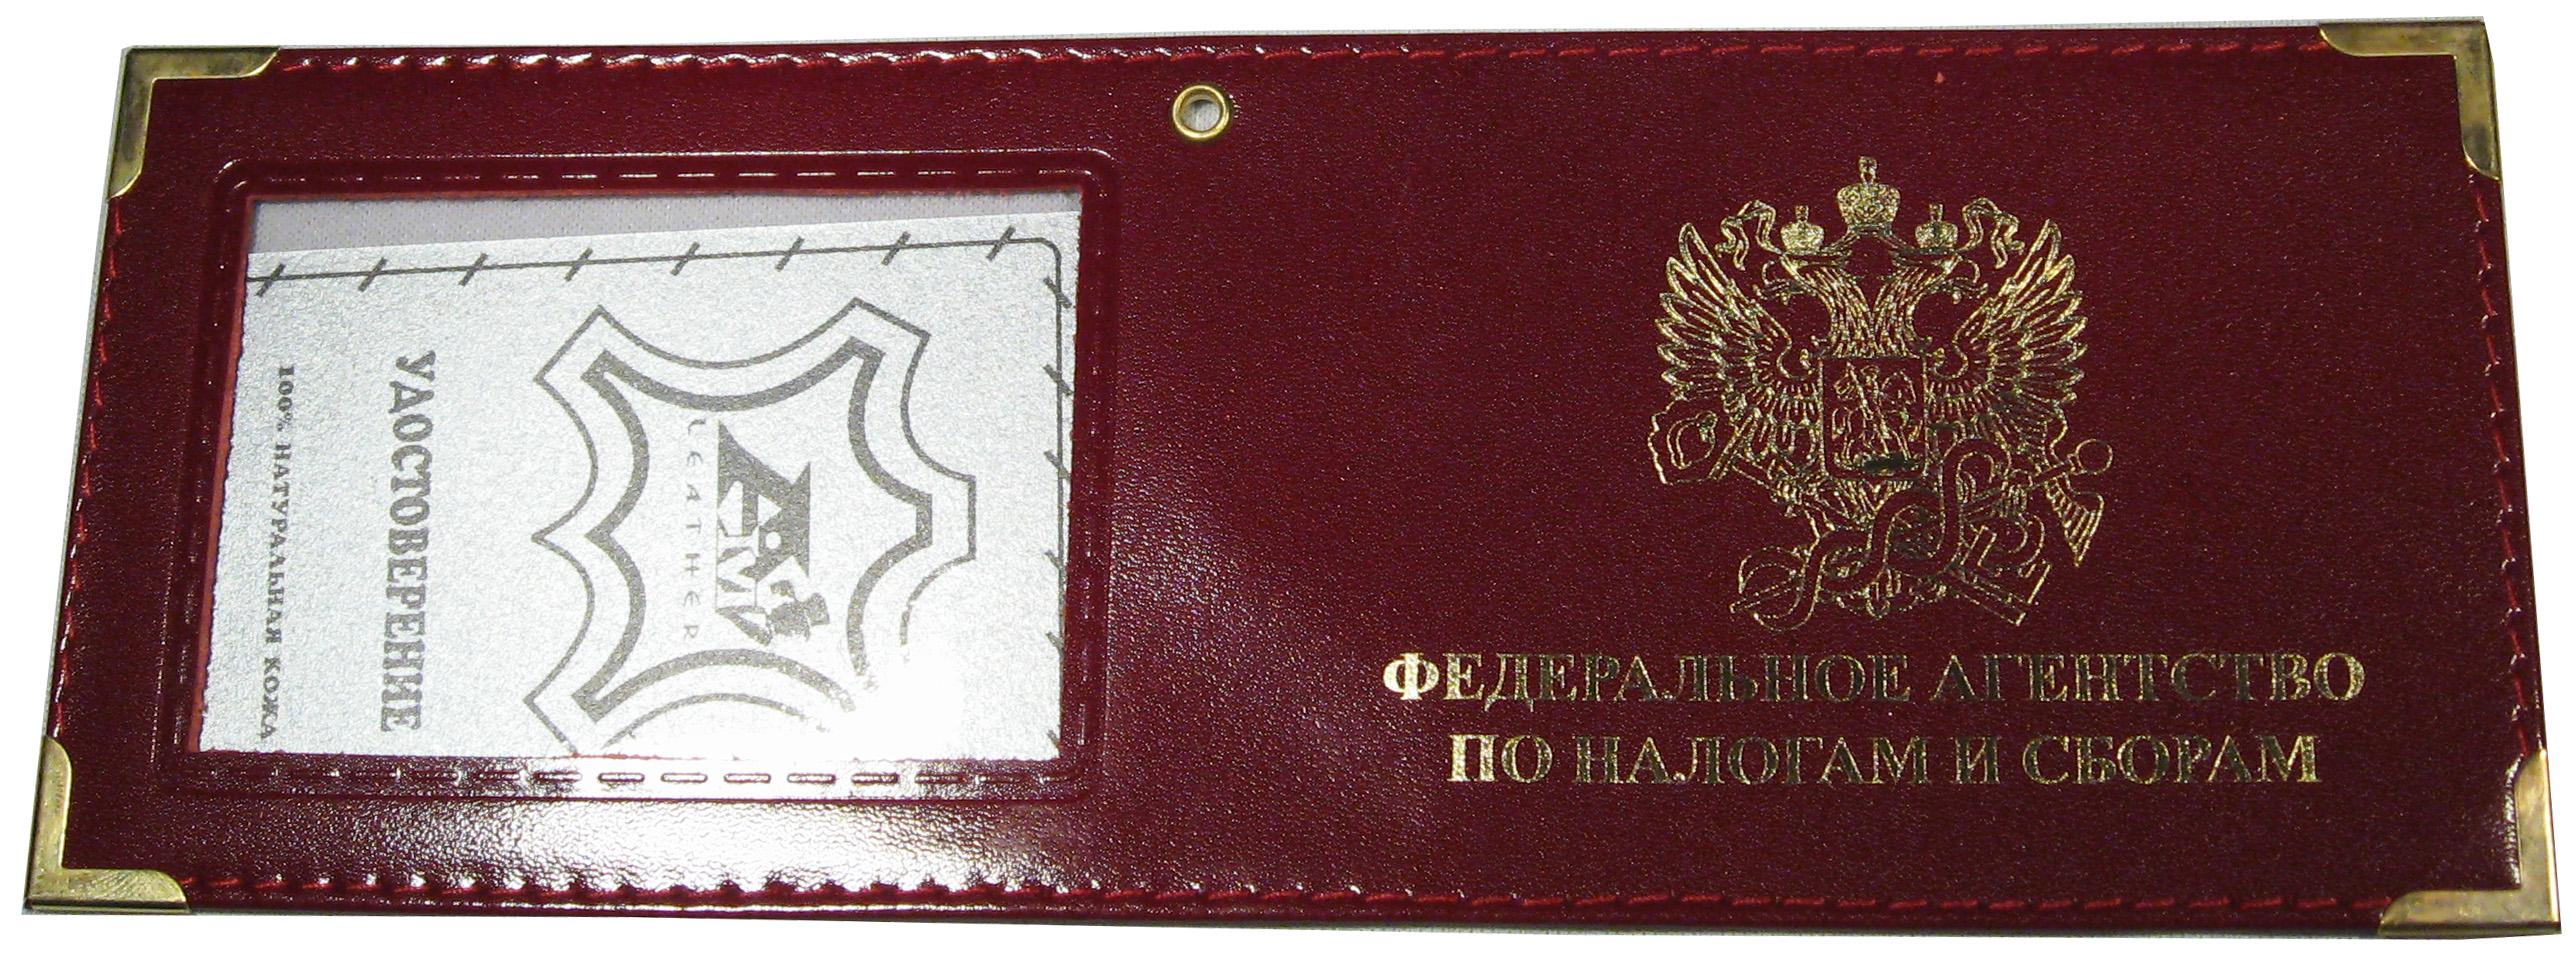 """Обложка """"Федеральное Агентство по Налогам и Сборам"""" с окошком нат. кожа"""